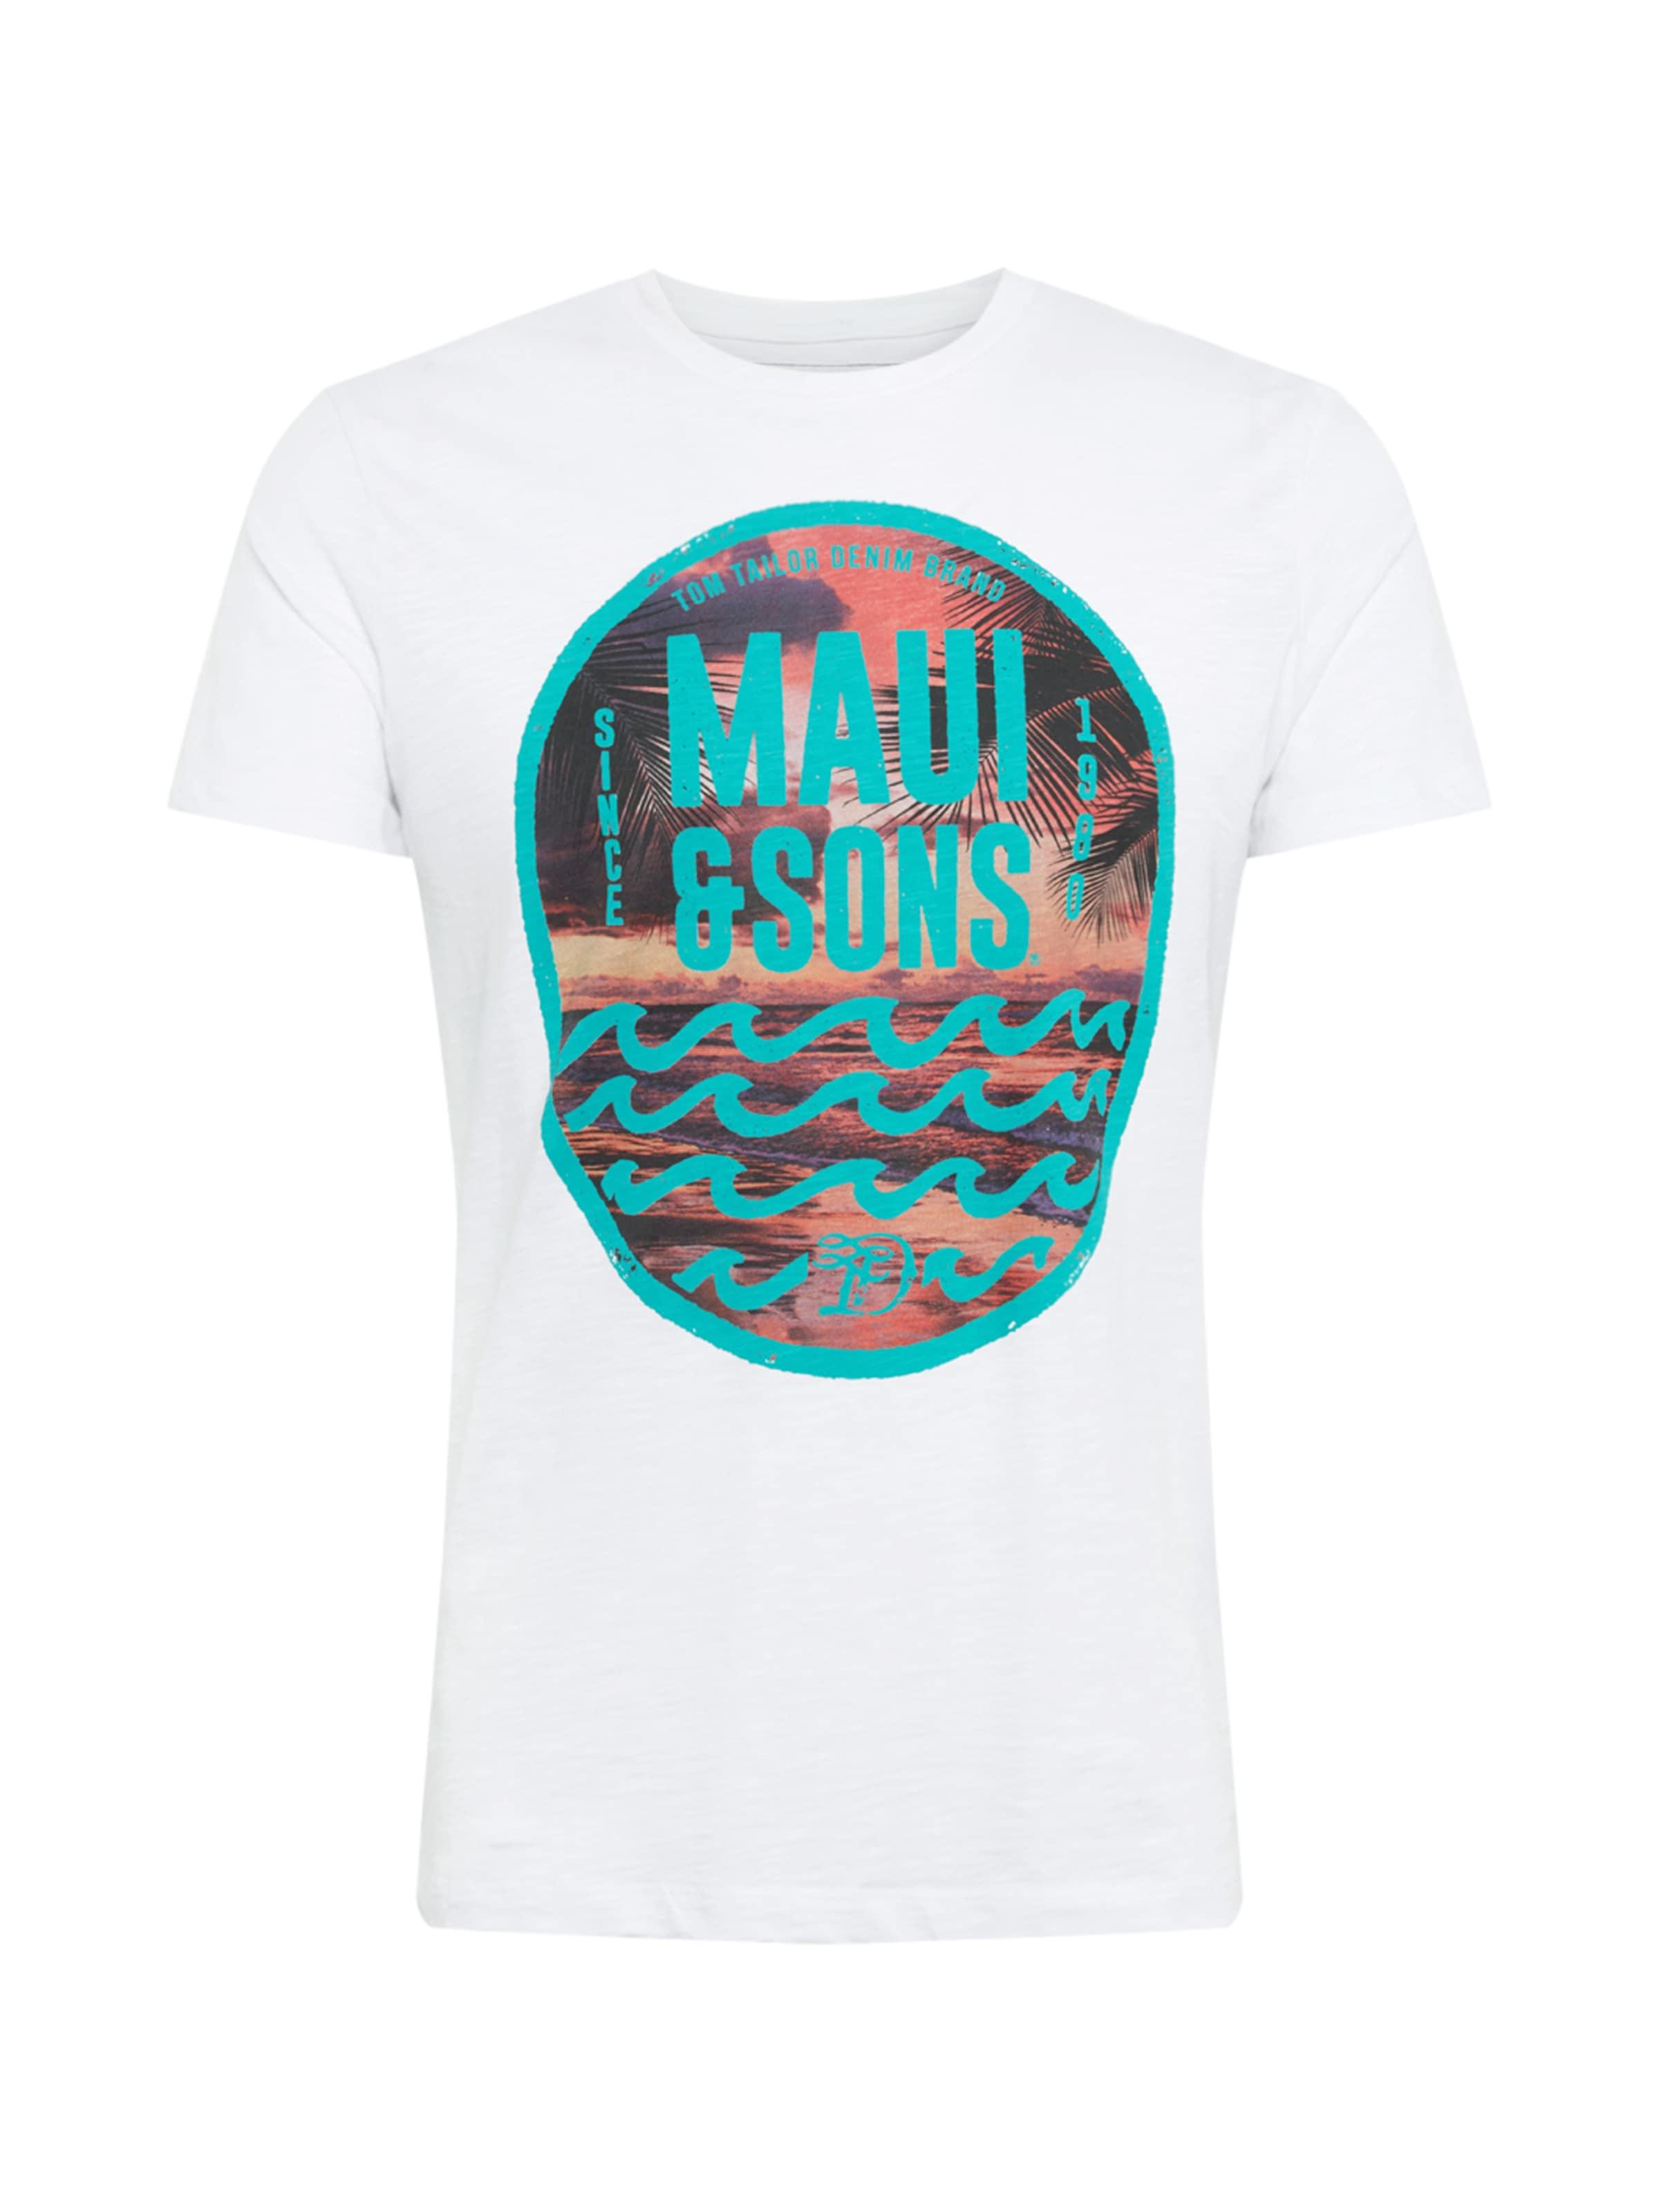 En Tom Mélange shirt CouleursBlanc Tailor Denim T De dCQrExBoeW